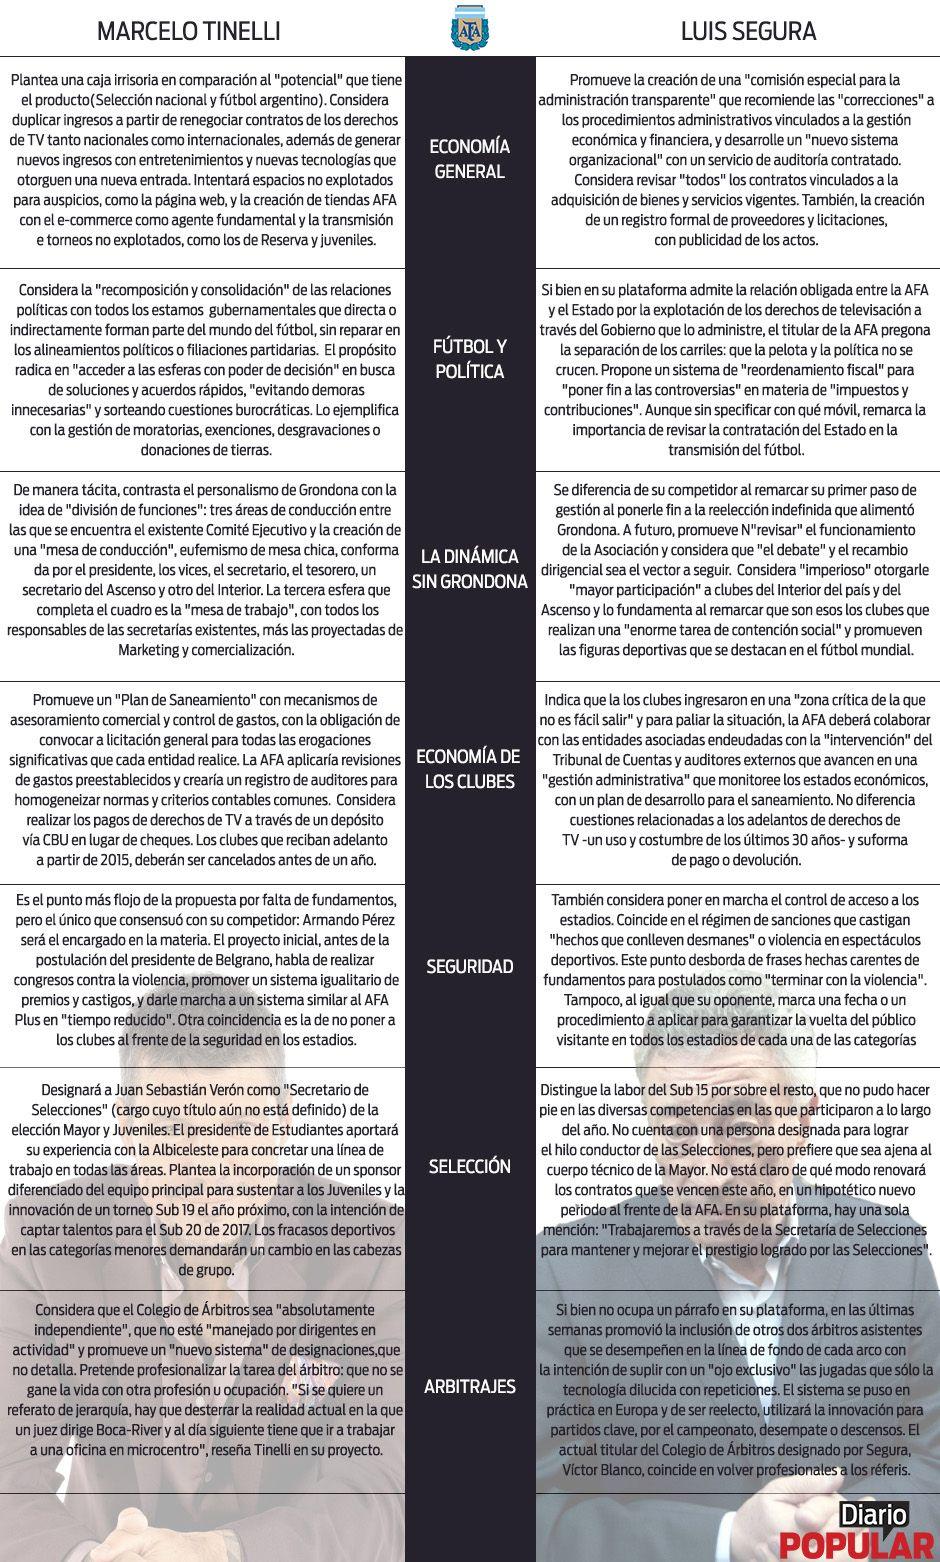 #EleccionesAFA | En qué coinciden y en qué se diferencian Tinelli y Segura